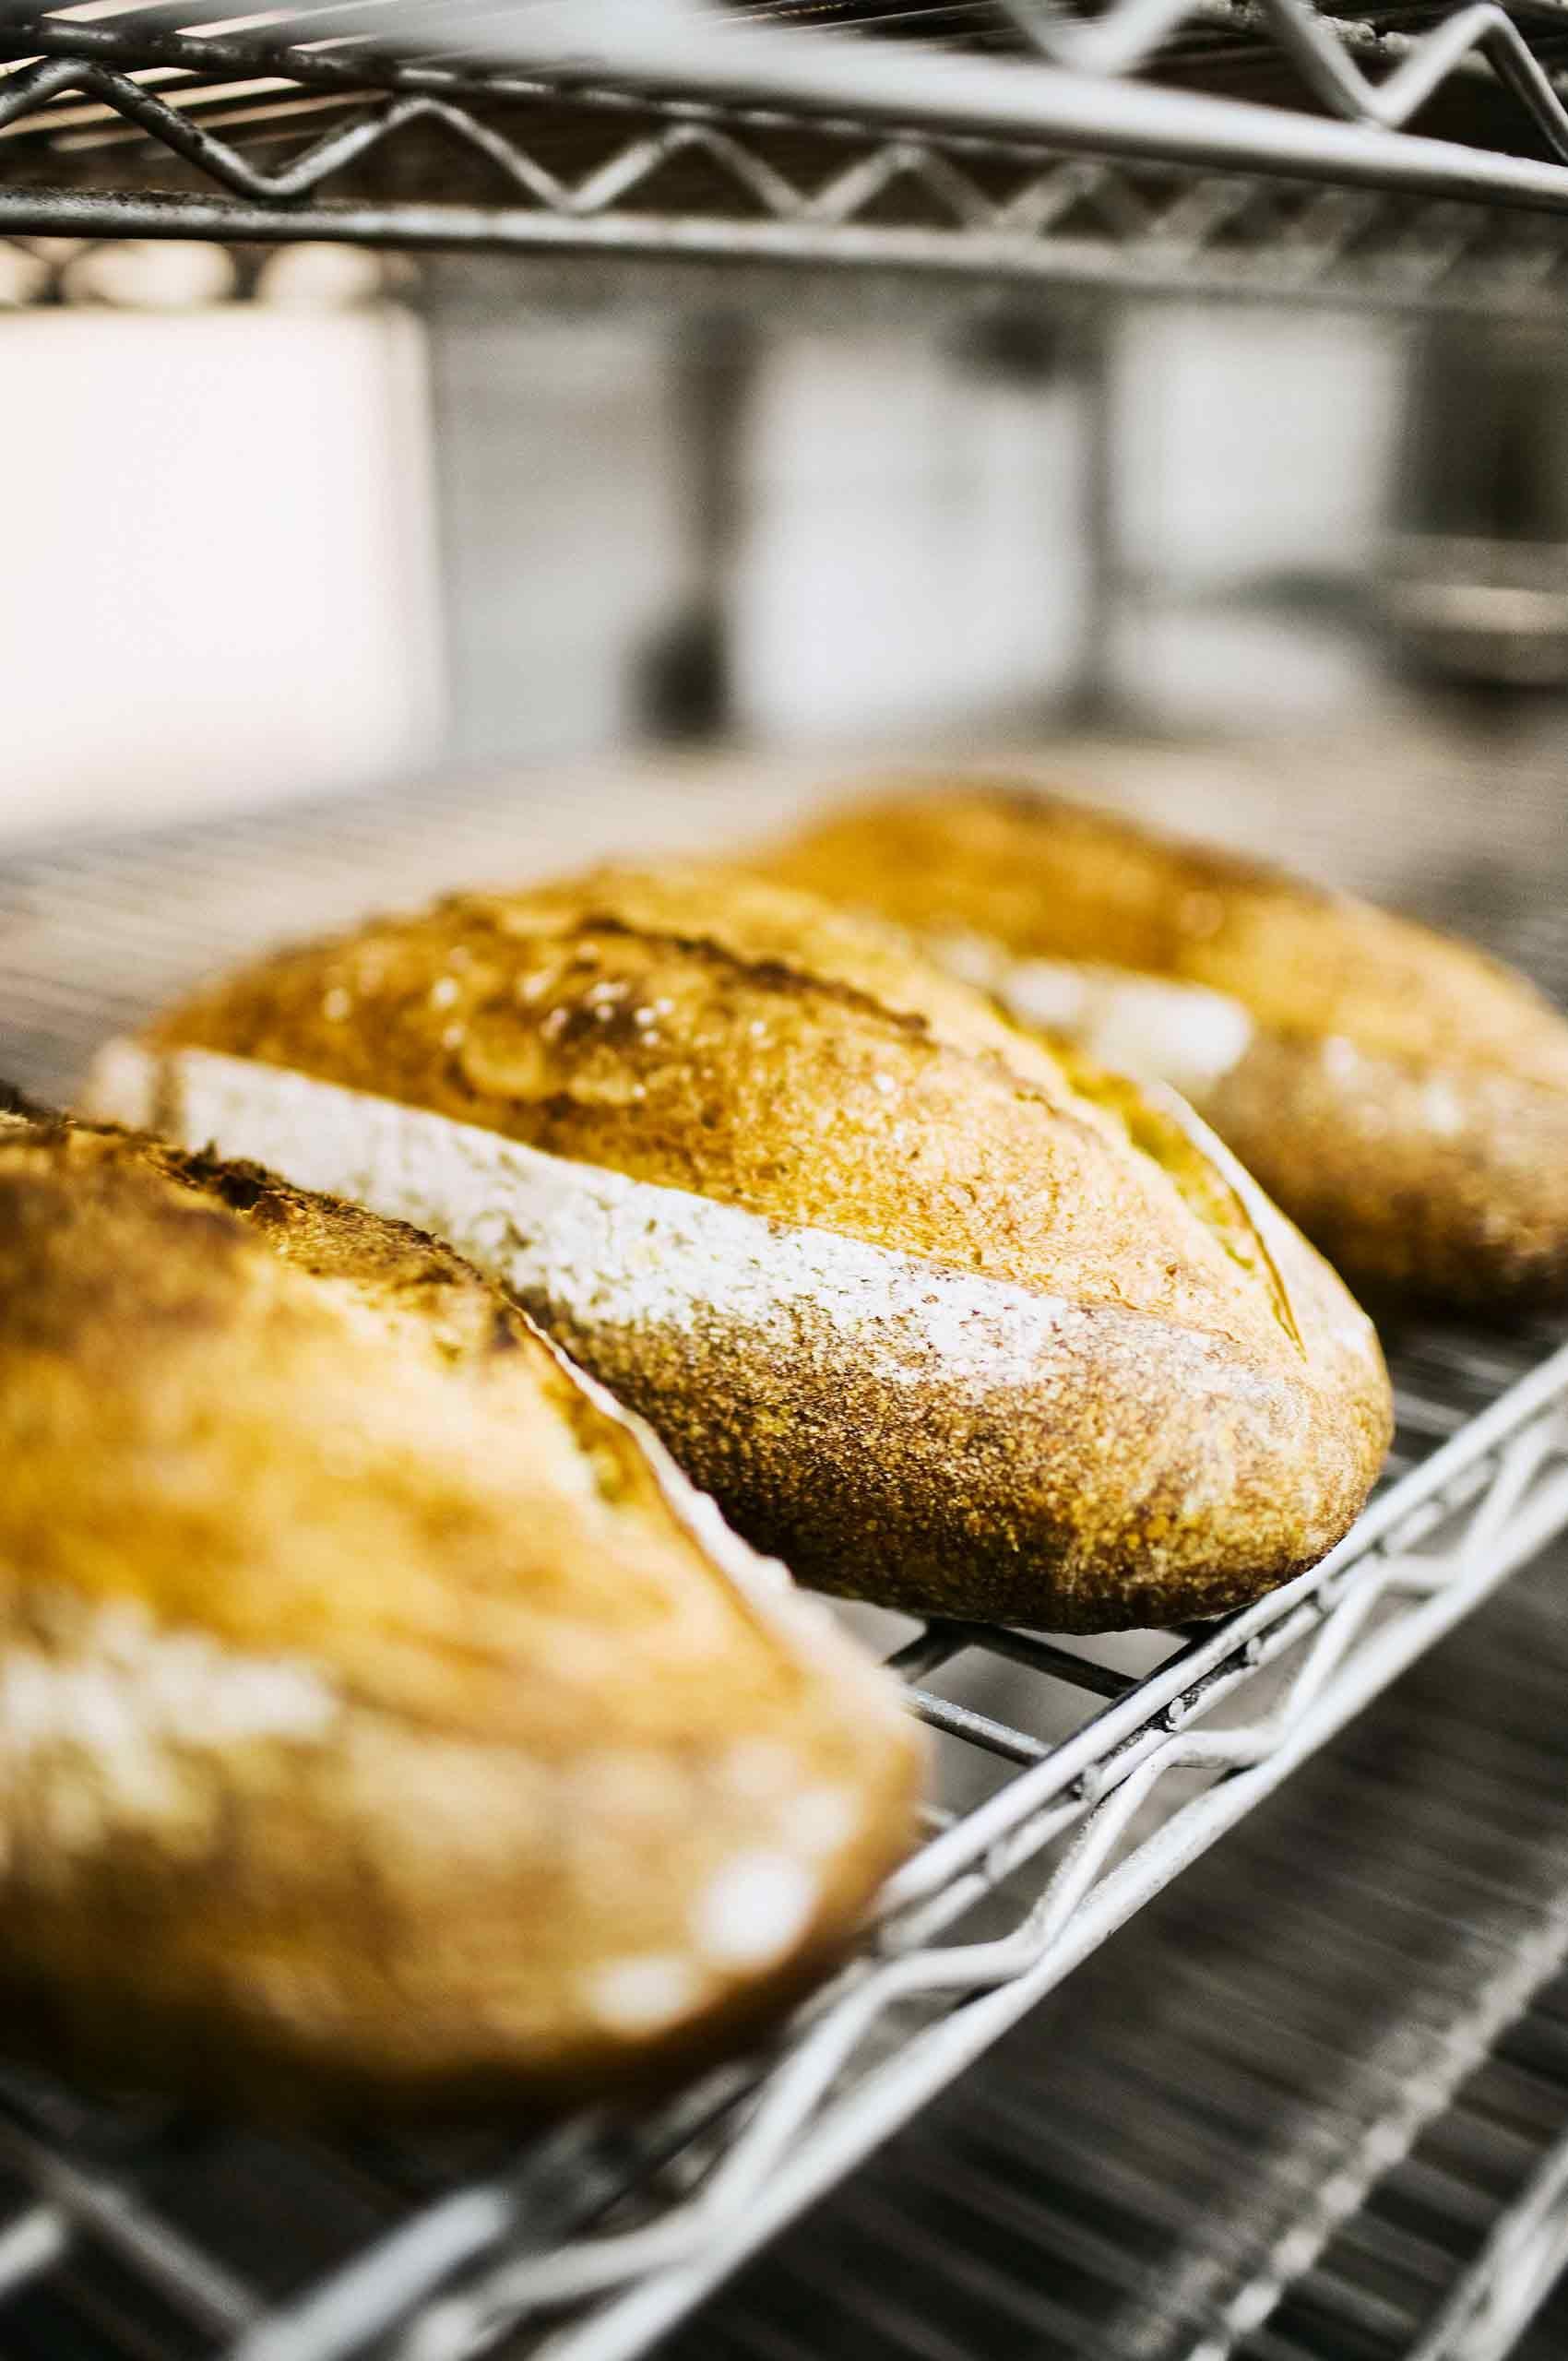 Loaf-of-bread-by-HenrikOlundPhotography.jpg